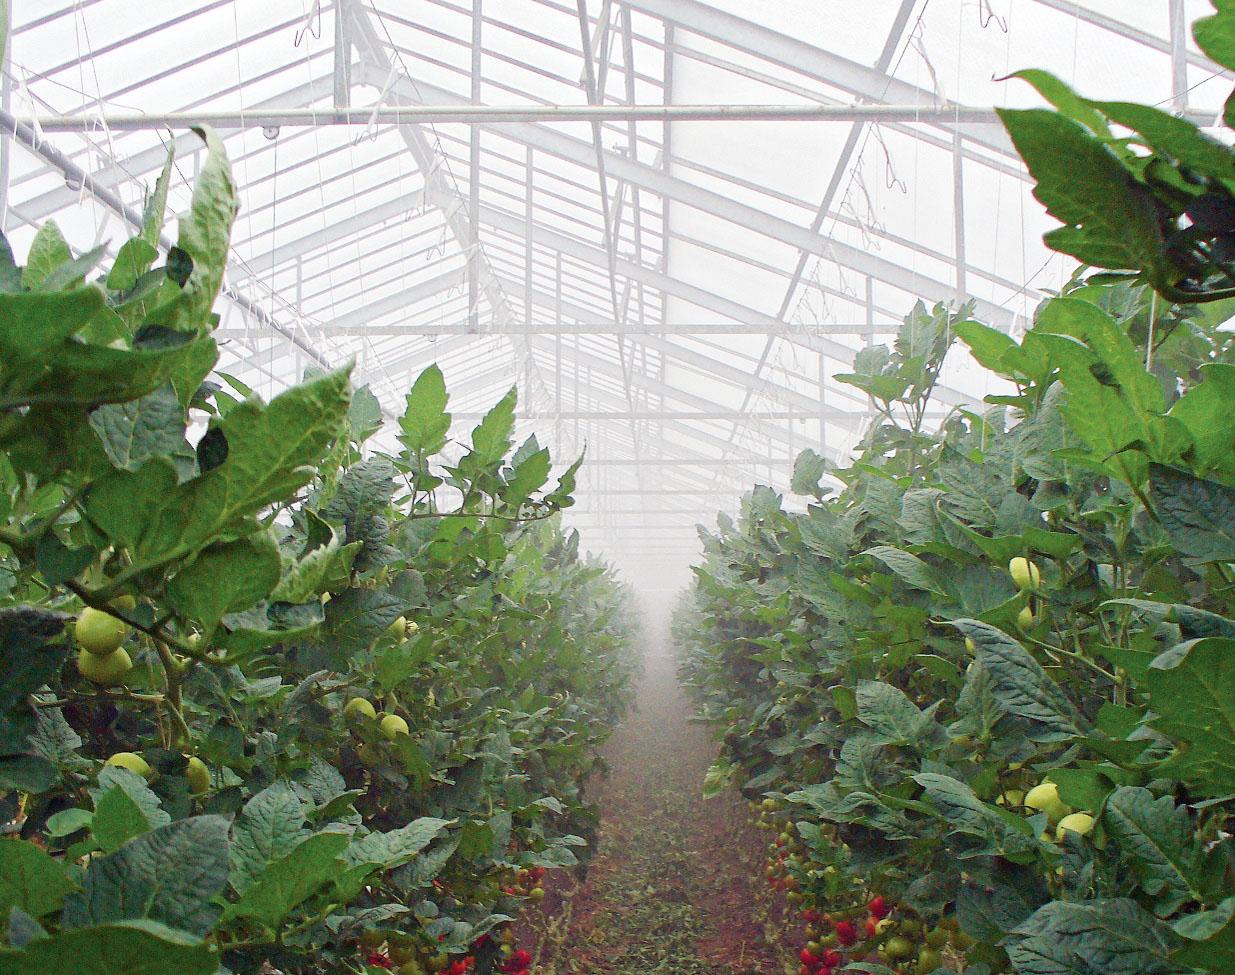 Je feiner EM mit oder ohne Zusätze vernebelt wird, desto besser für die Pflanzen.